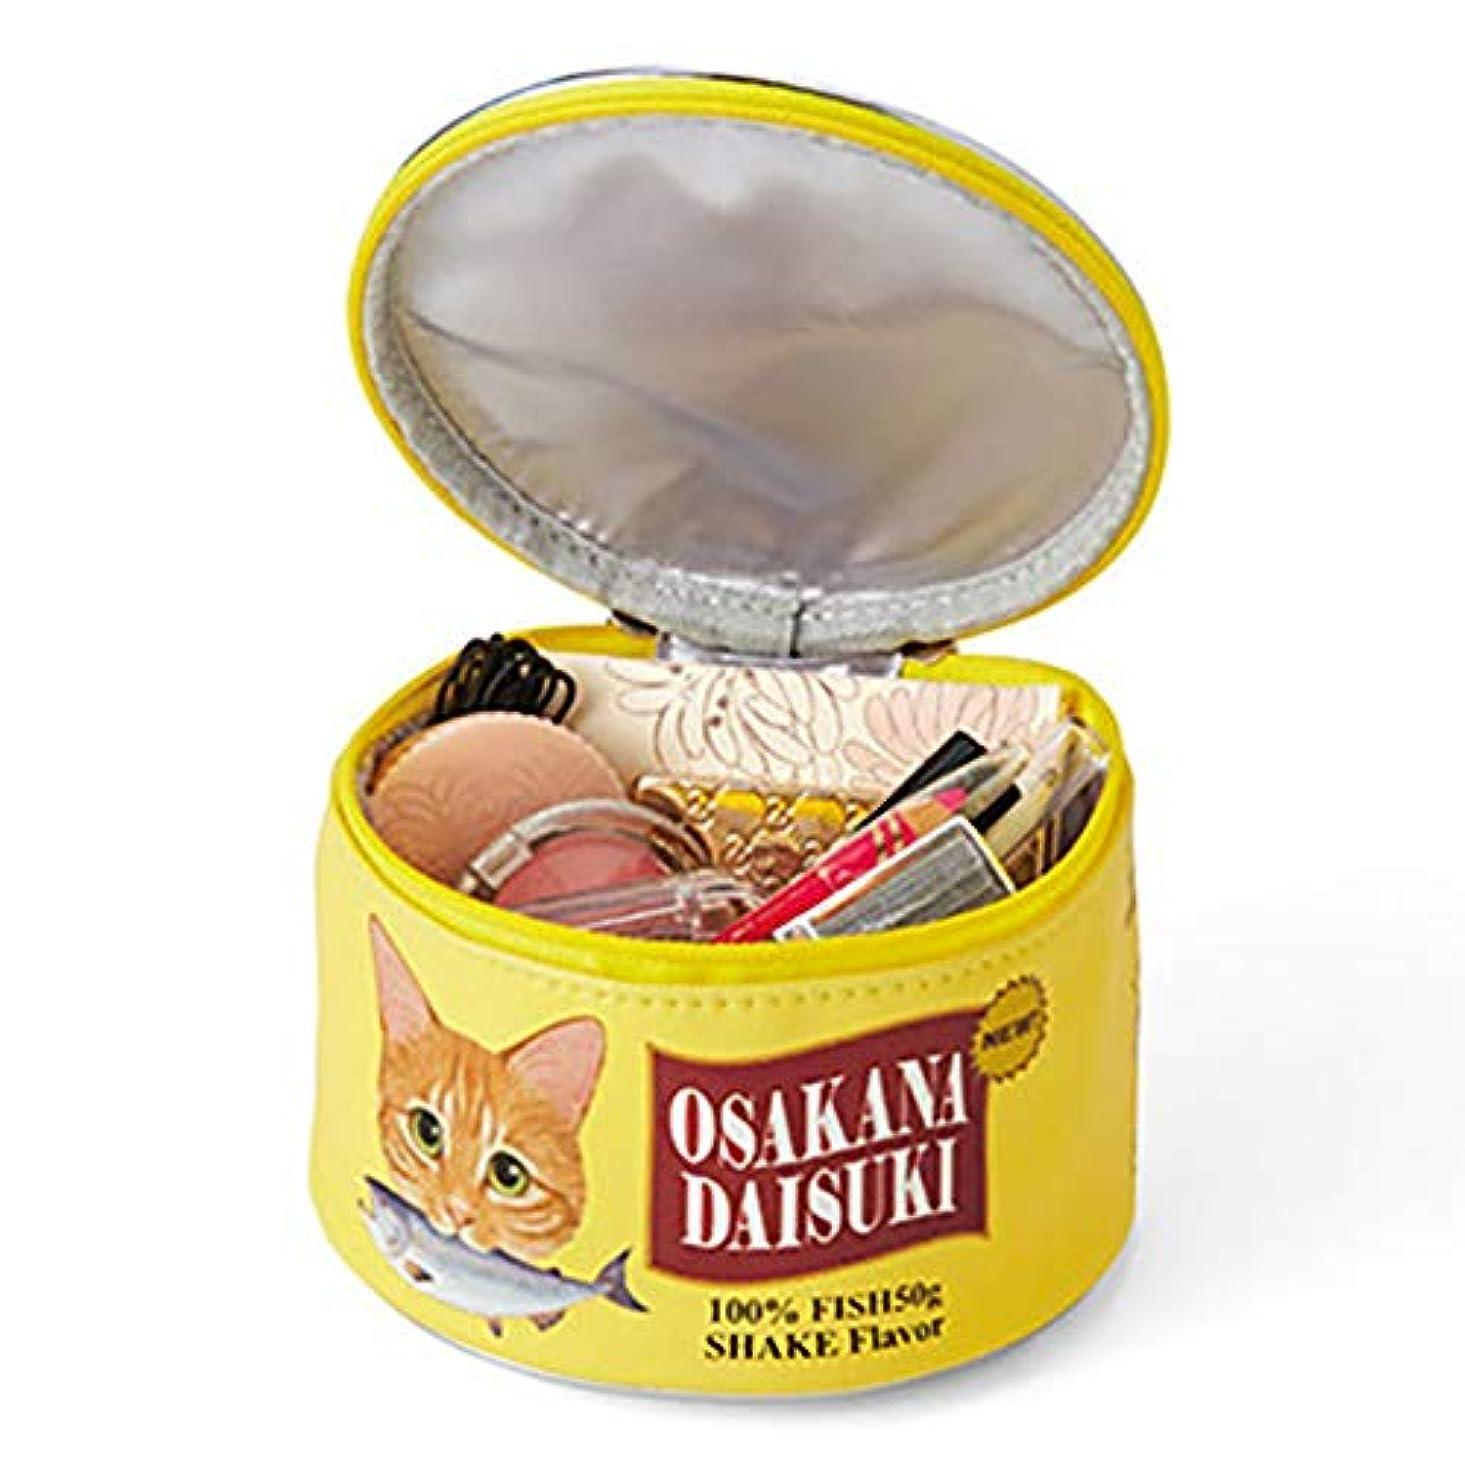 悪い虎適用するYIGO 化粧ポーチ 猫 ねこ 魚の缶詰 設計 可愛い メイクポーチ バッグ 化粧バッグ 財布 大容量 化粧品収納 小物入れ おしゃれ イエロー